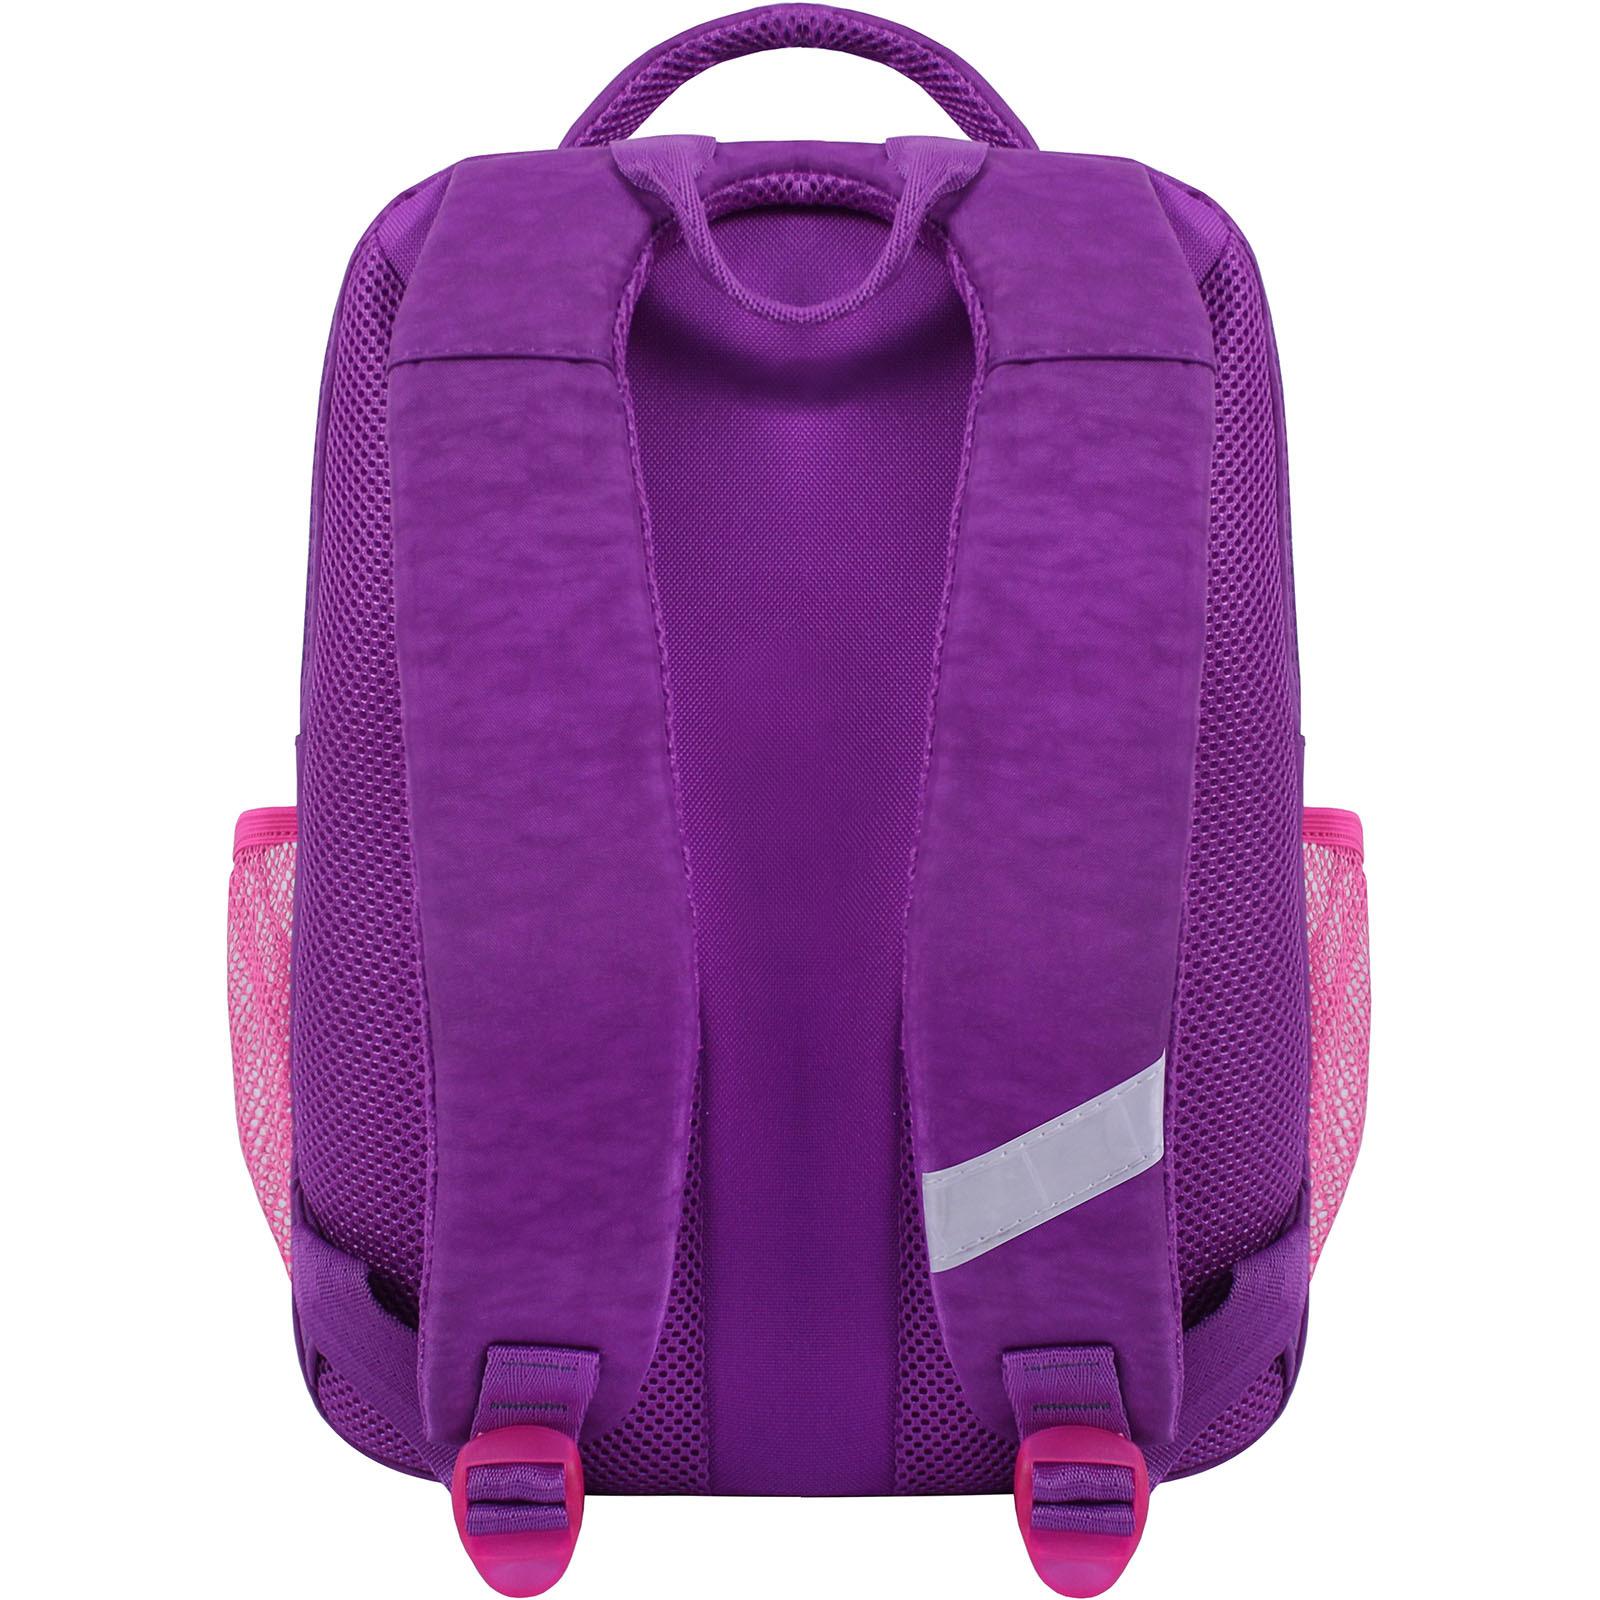 Рюкзак школьный Bagland Школьник 8 л. фиолетовый 596 (0012870) фото 3